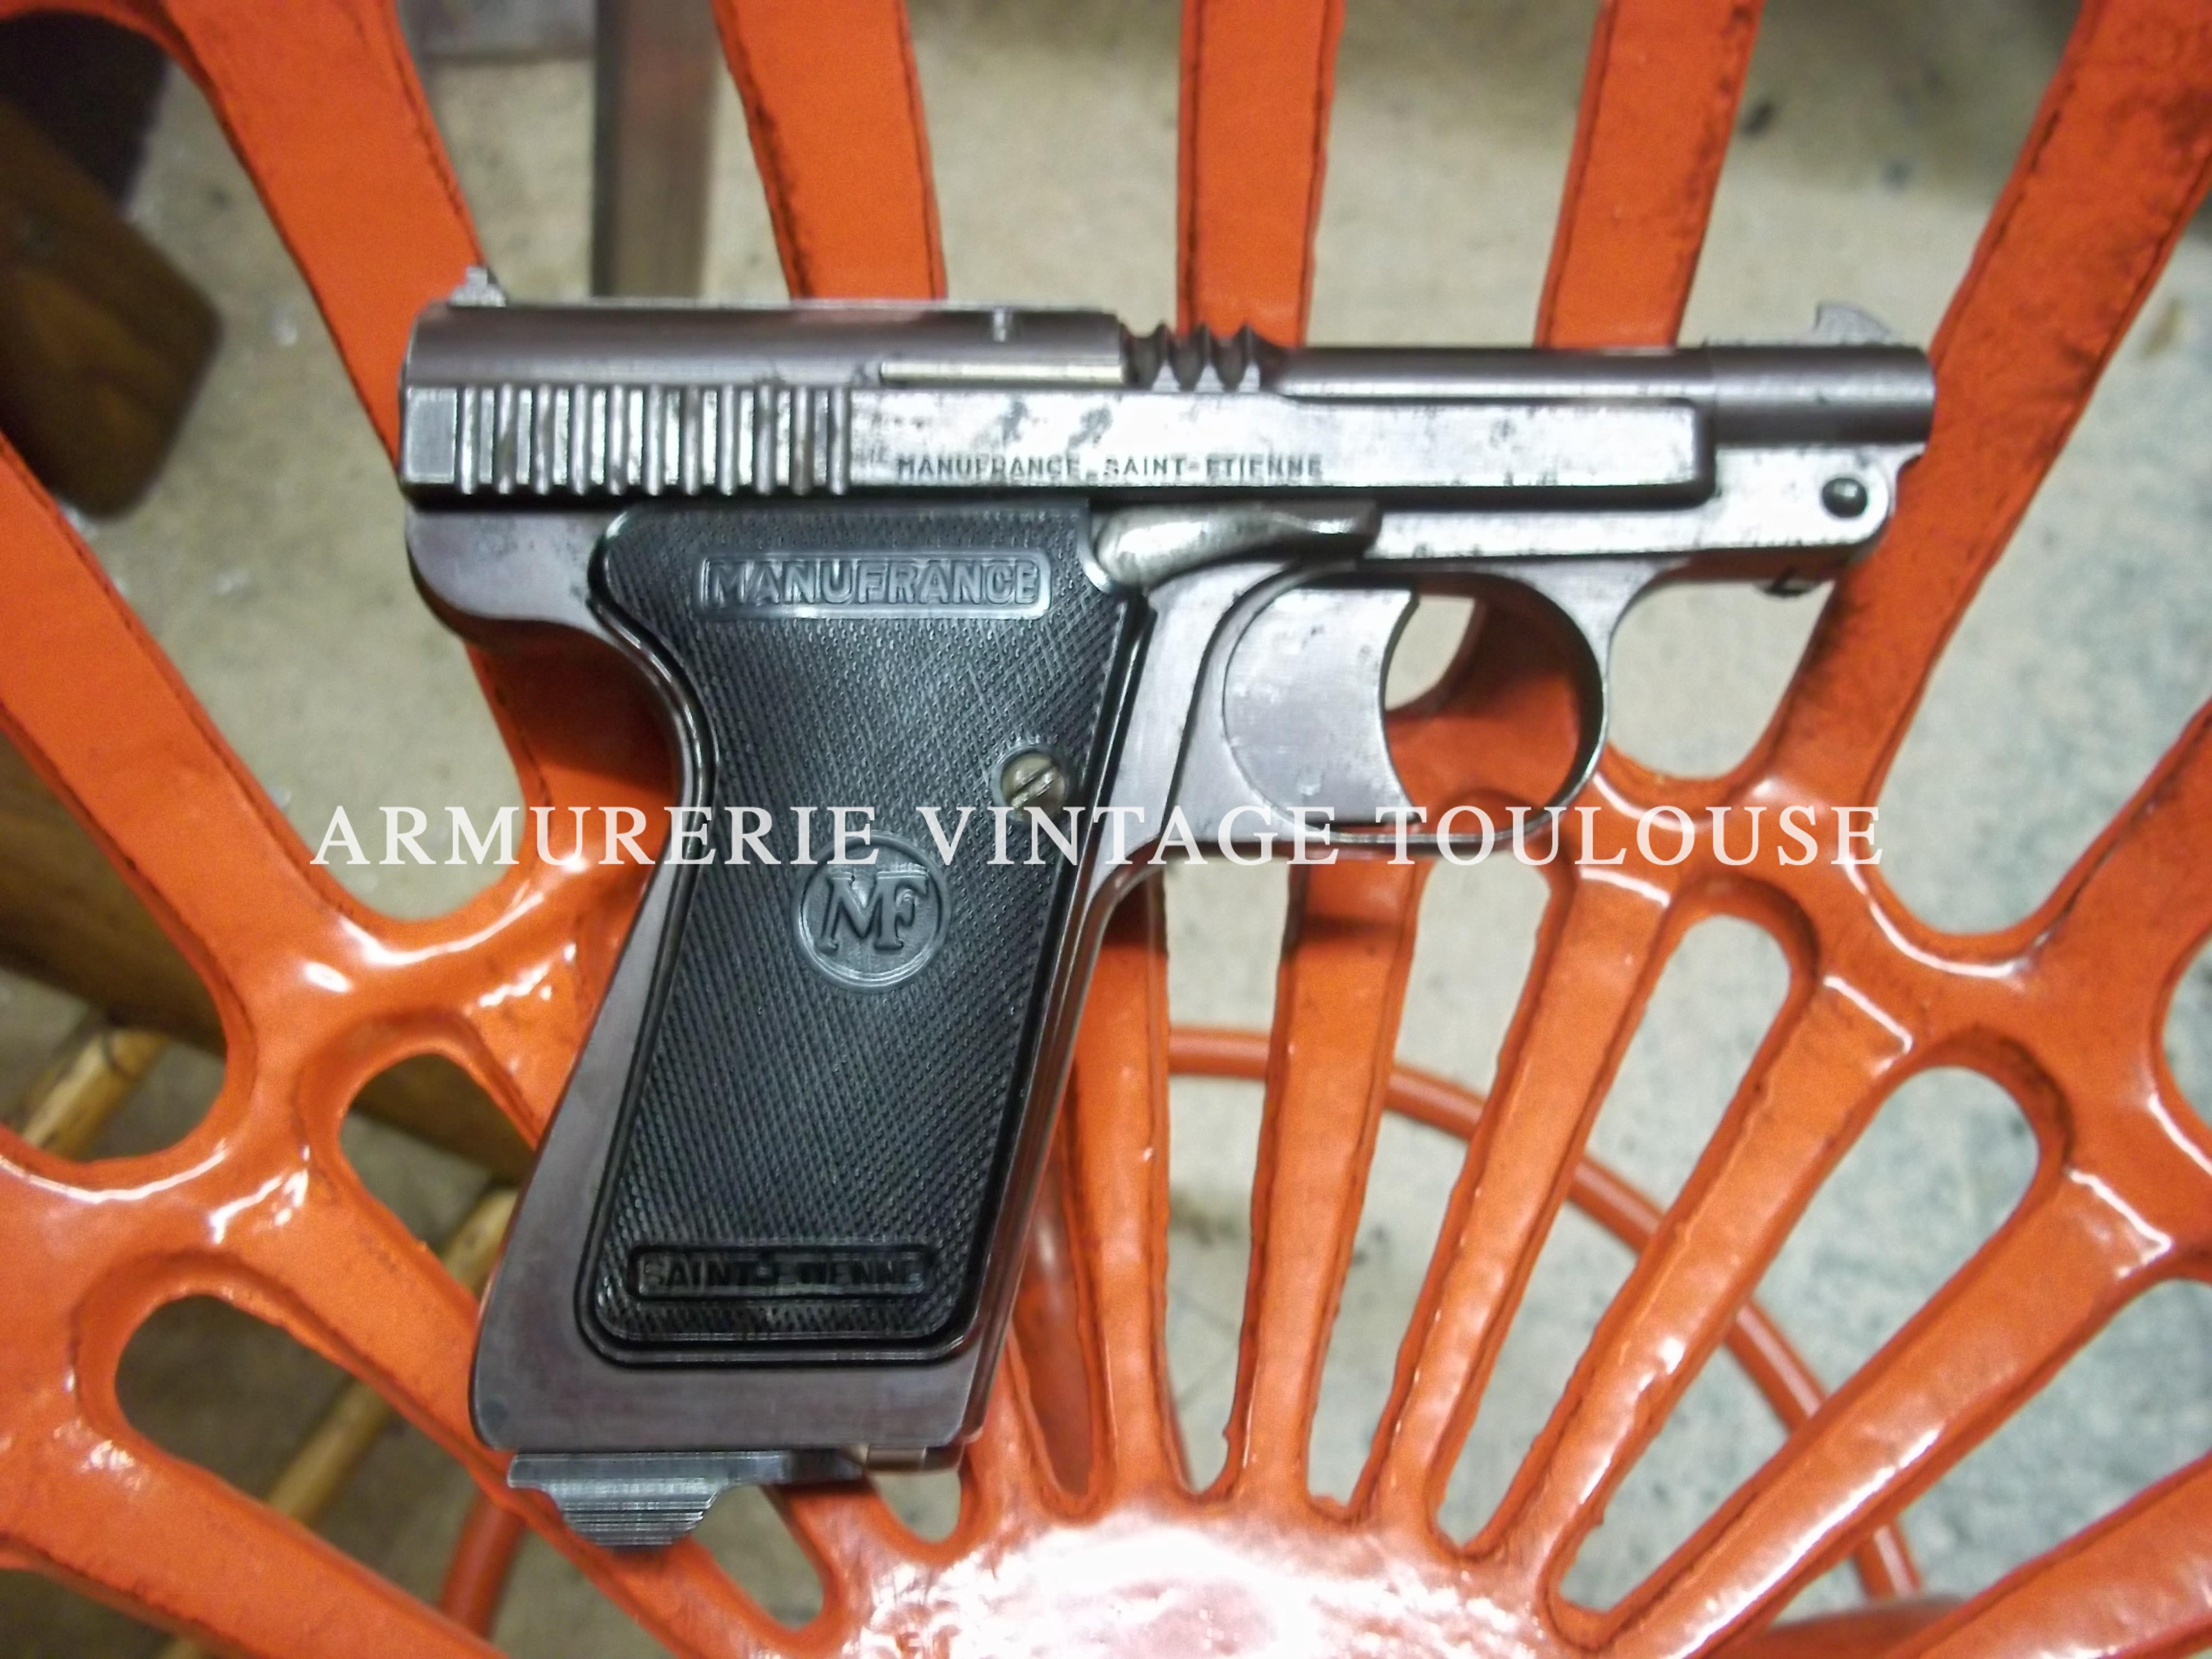 Joli pistolet LeFrançais de Manufrance en calibre 7,65